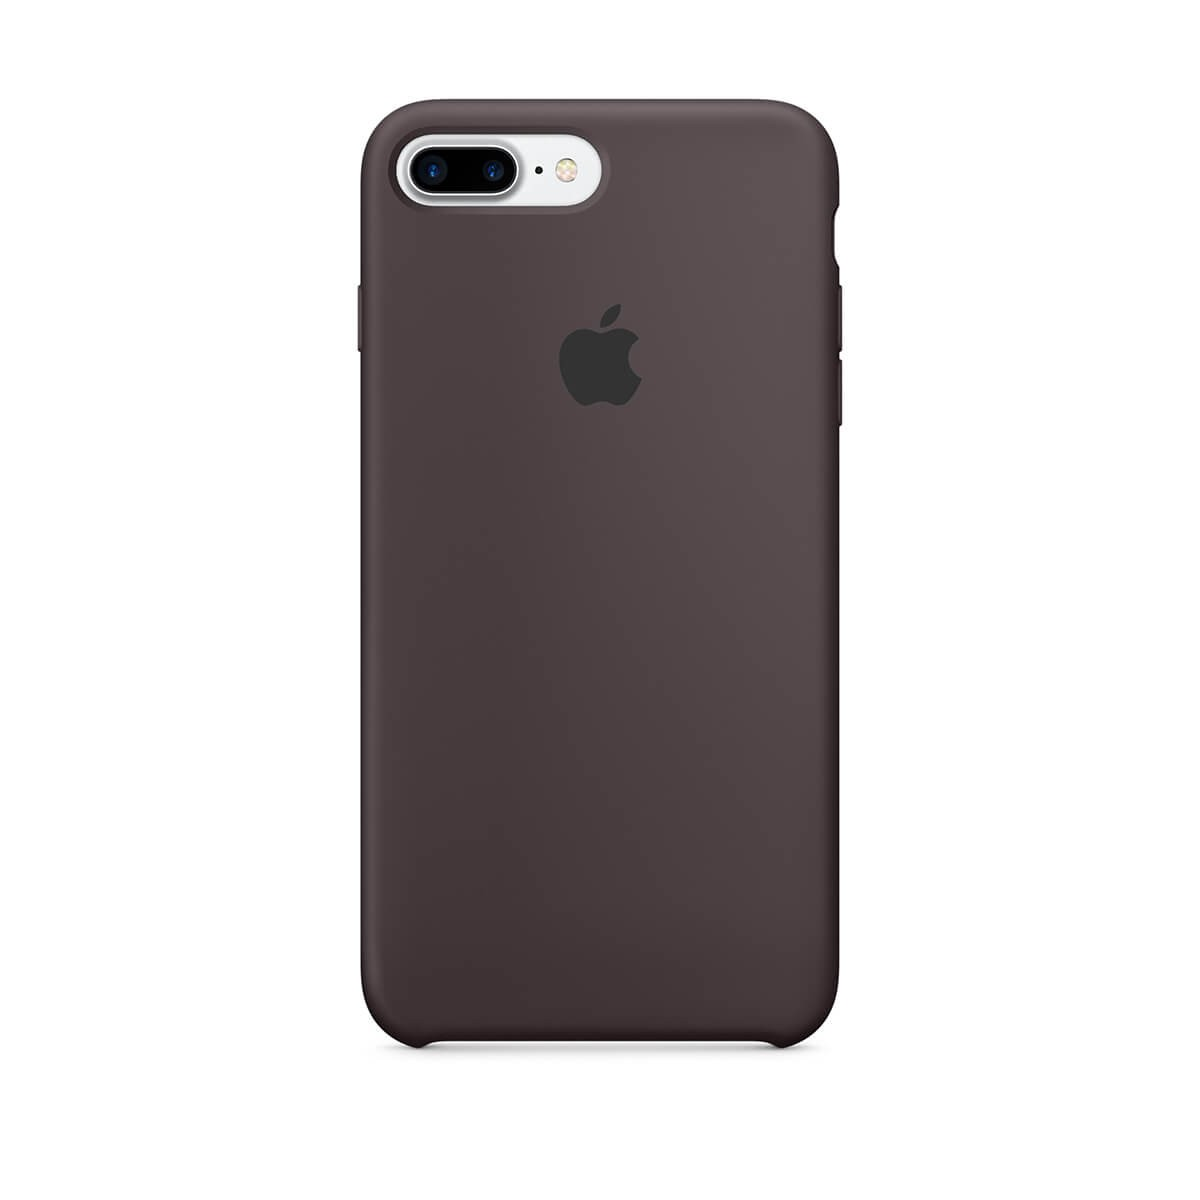 Silikonový kryt na iPhone 7 Plus – kakaově hnědý mmt12zm/a